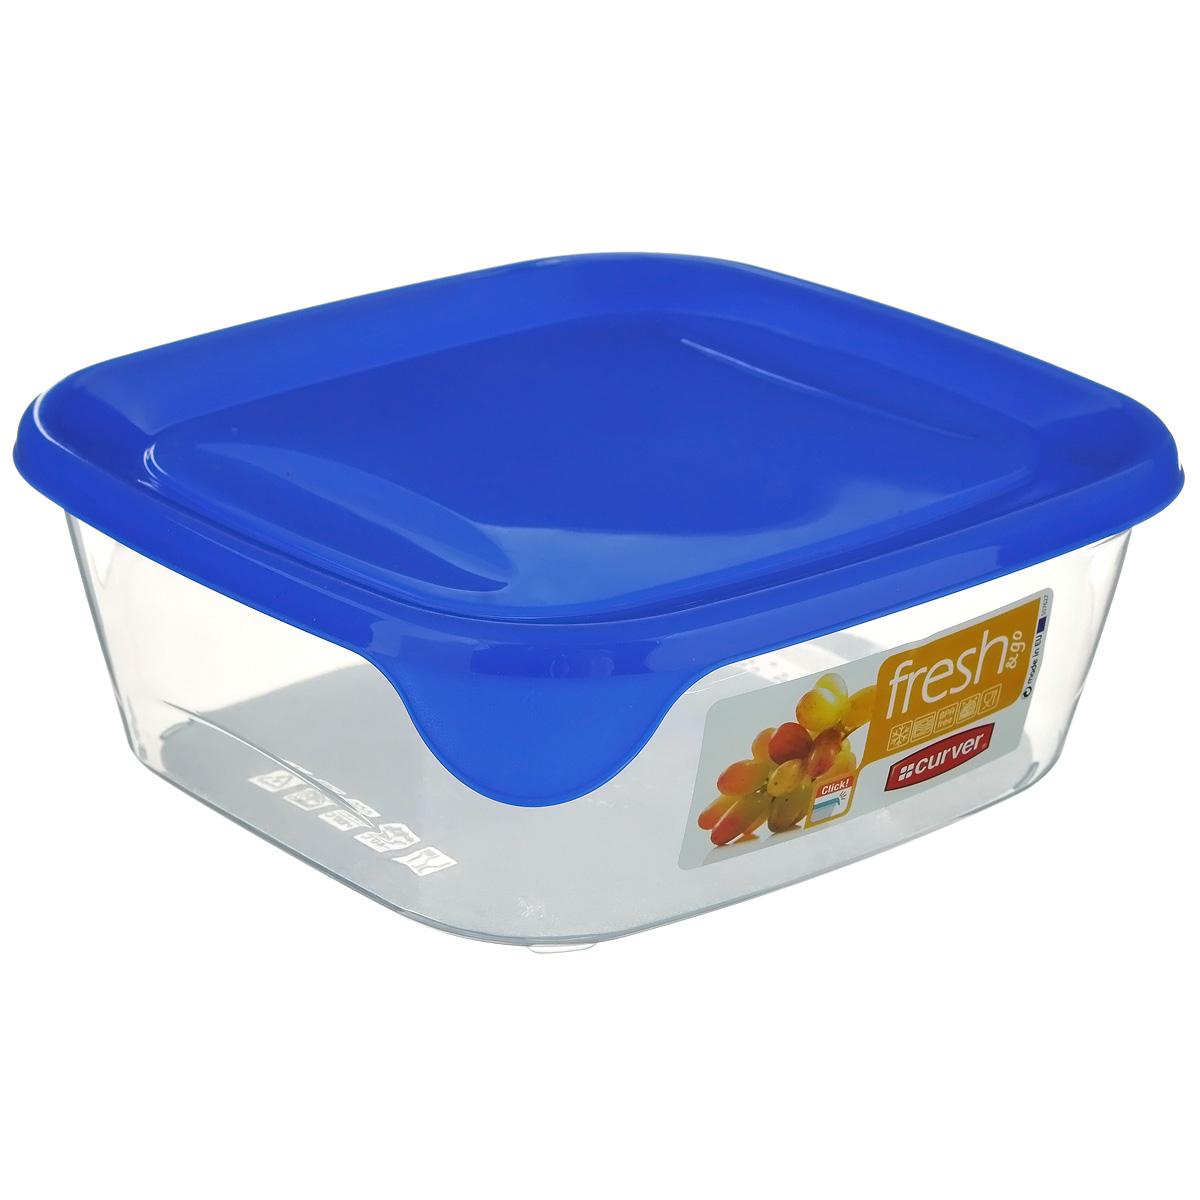 Емкость для заморозки и СВЧ Curver Fresh & Go, цвет: синий, 0,25 л00557-139-01Квадратная емкость для заморозки и СВЧ Curver изготовлена из высококачественного пищевого пластика (BPA free), который выдерживает температуру от -40°С до +100°С. Стенки емкости прозрачные, а крышка цветная. Она плотно закрывается, дольше сохраняя продукты свежими и вкусными. Емкость удобно брать с собой на работу, учебу, пикник или просто использовать для хранения пищи в холодильнике. Можно использовать в микроволновой печи и для заморозки в морозильной камере. Можно мыть в посудомоечной машине.